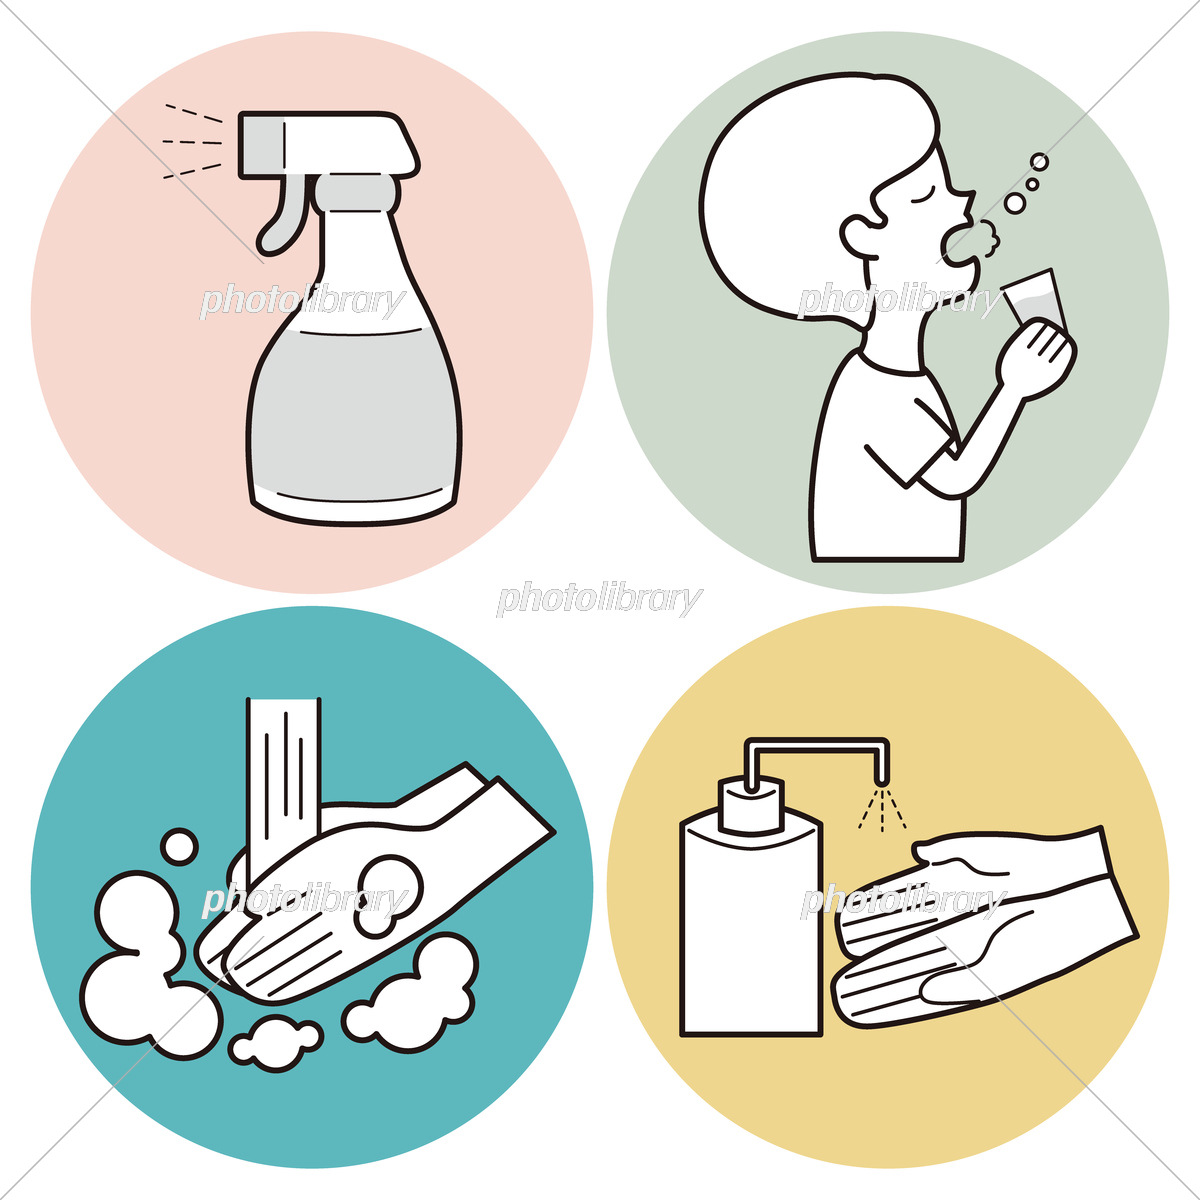 うがい 手洗い イラスト